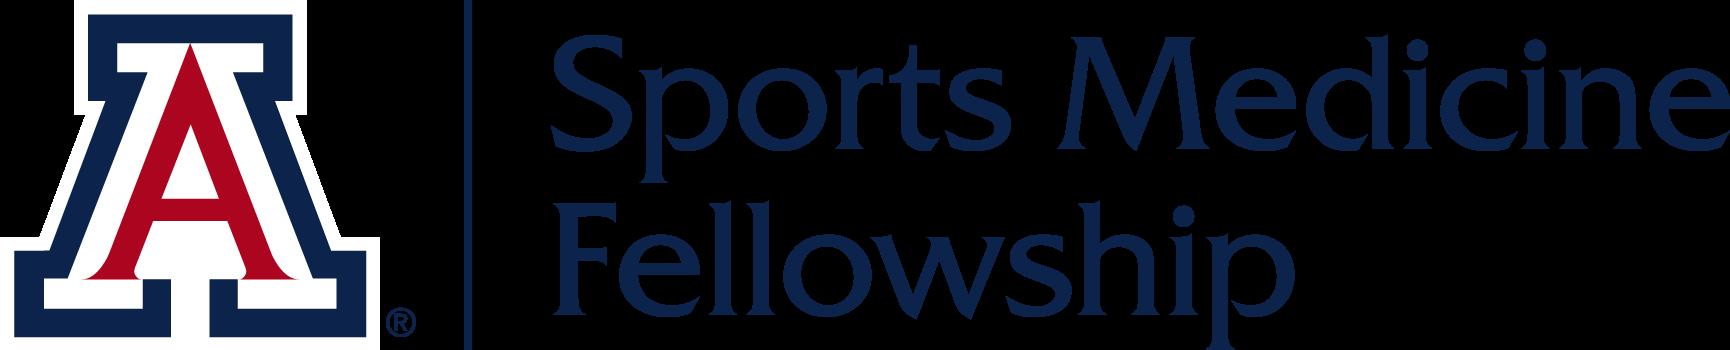 Sports Medicine Fellowship | Home